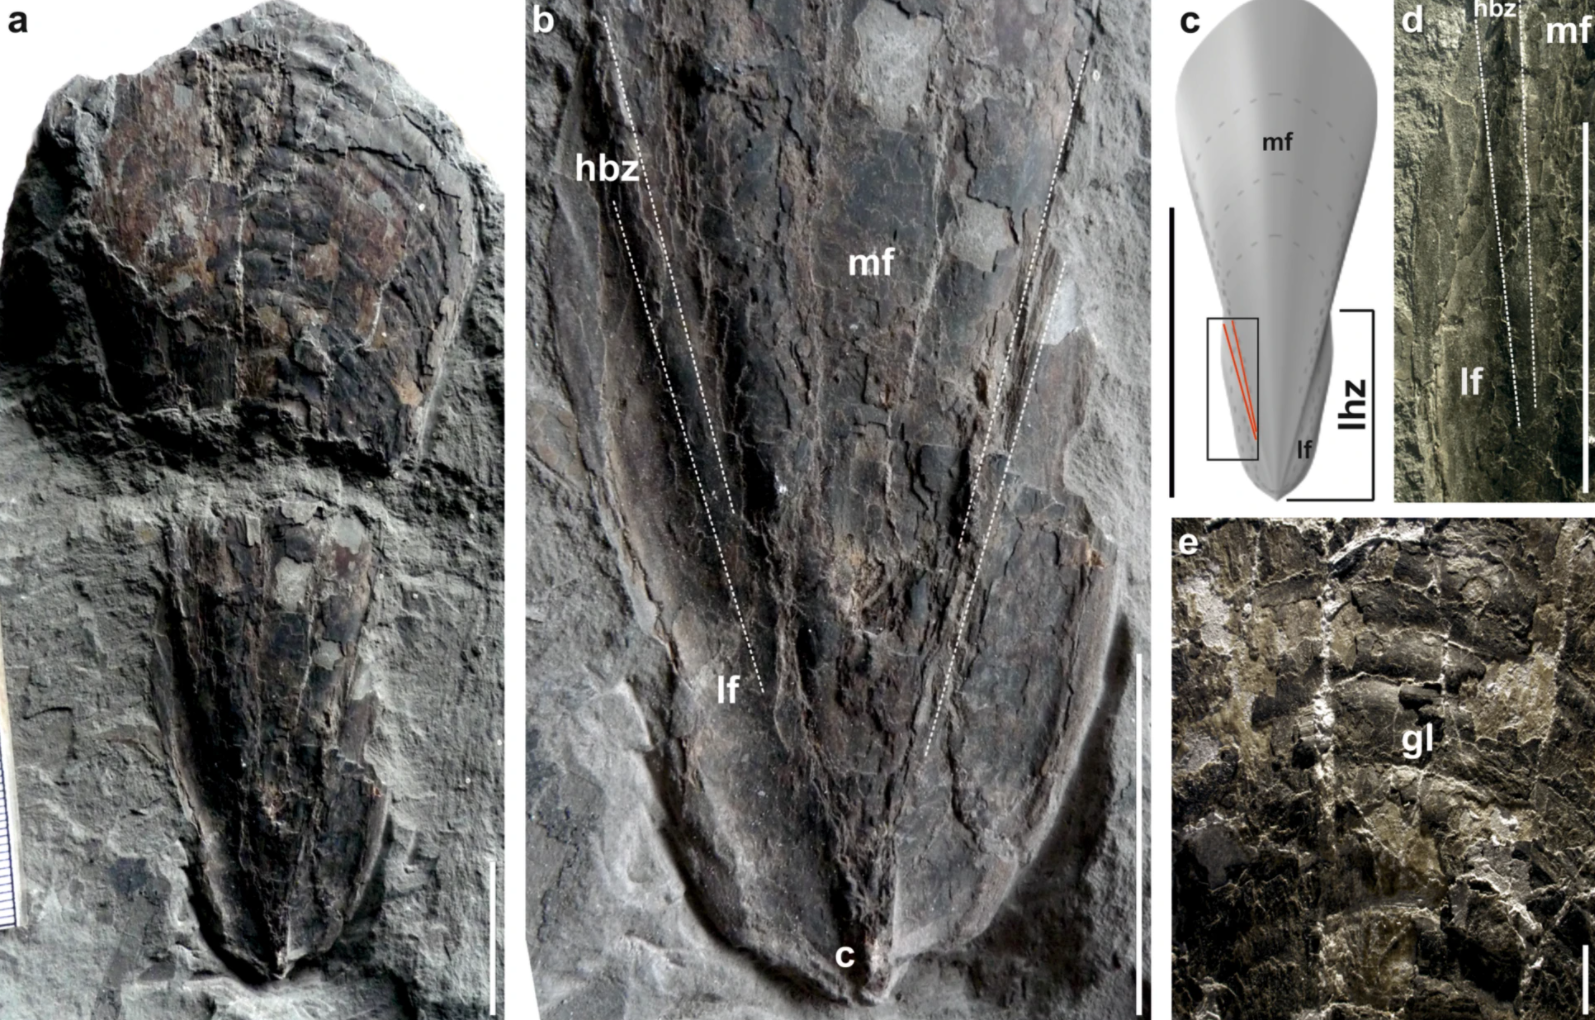 Un calmar fossile vieux de 30 millions d'années découvert à l'extérieur de Budapest.